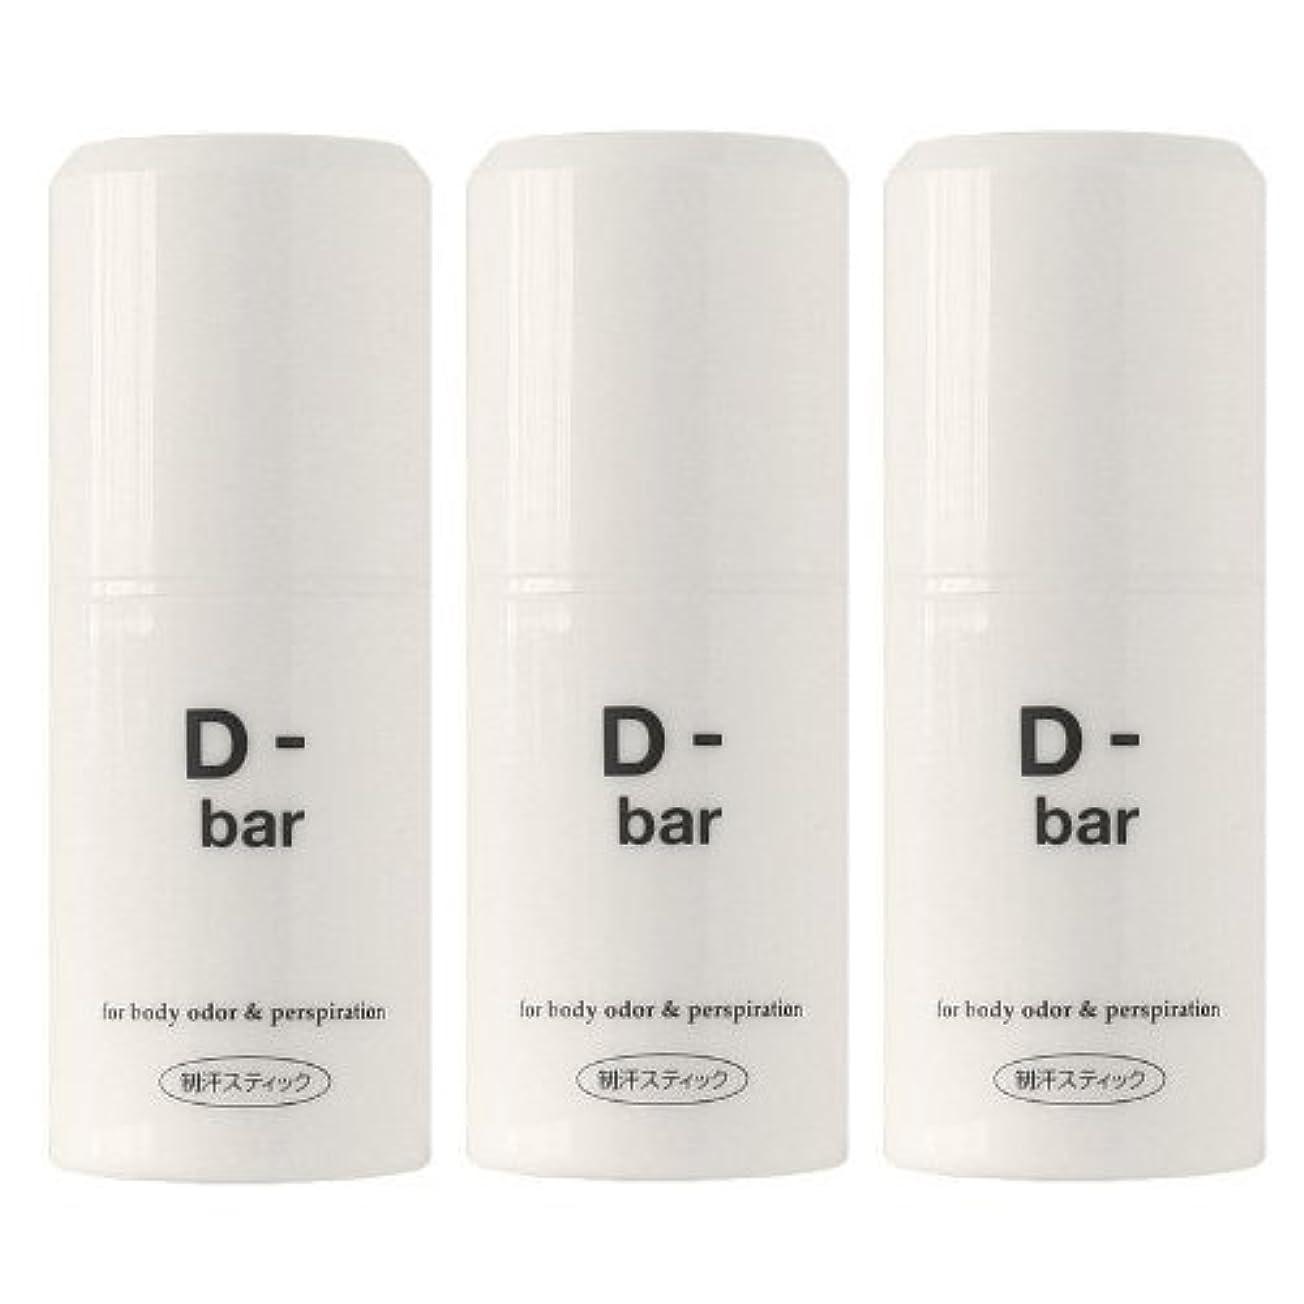 予知絶望注入ディーバー(D-bar) 3本セット